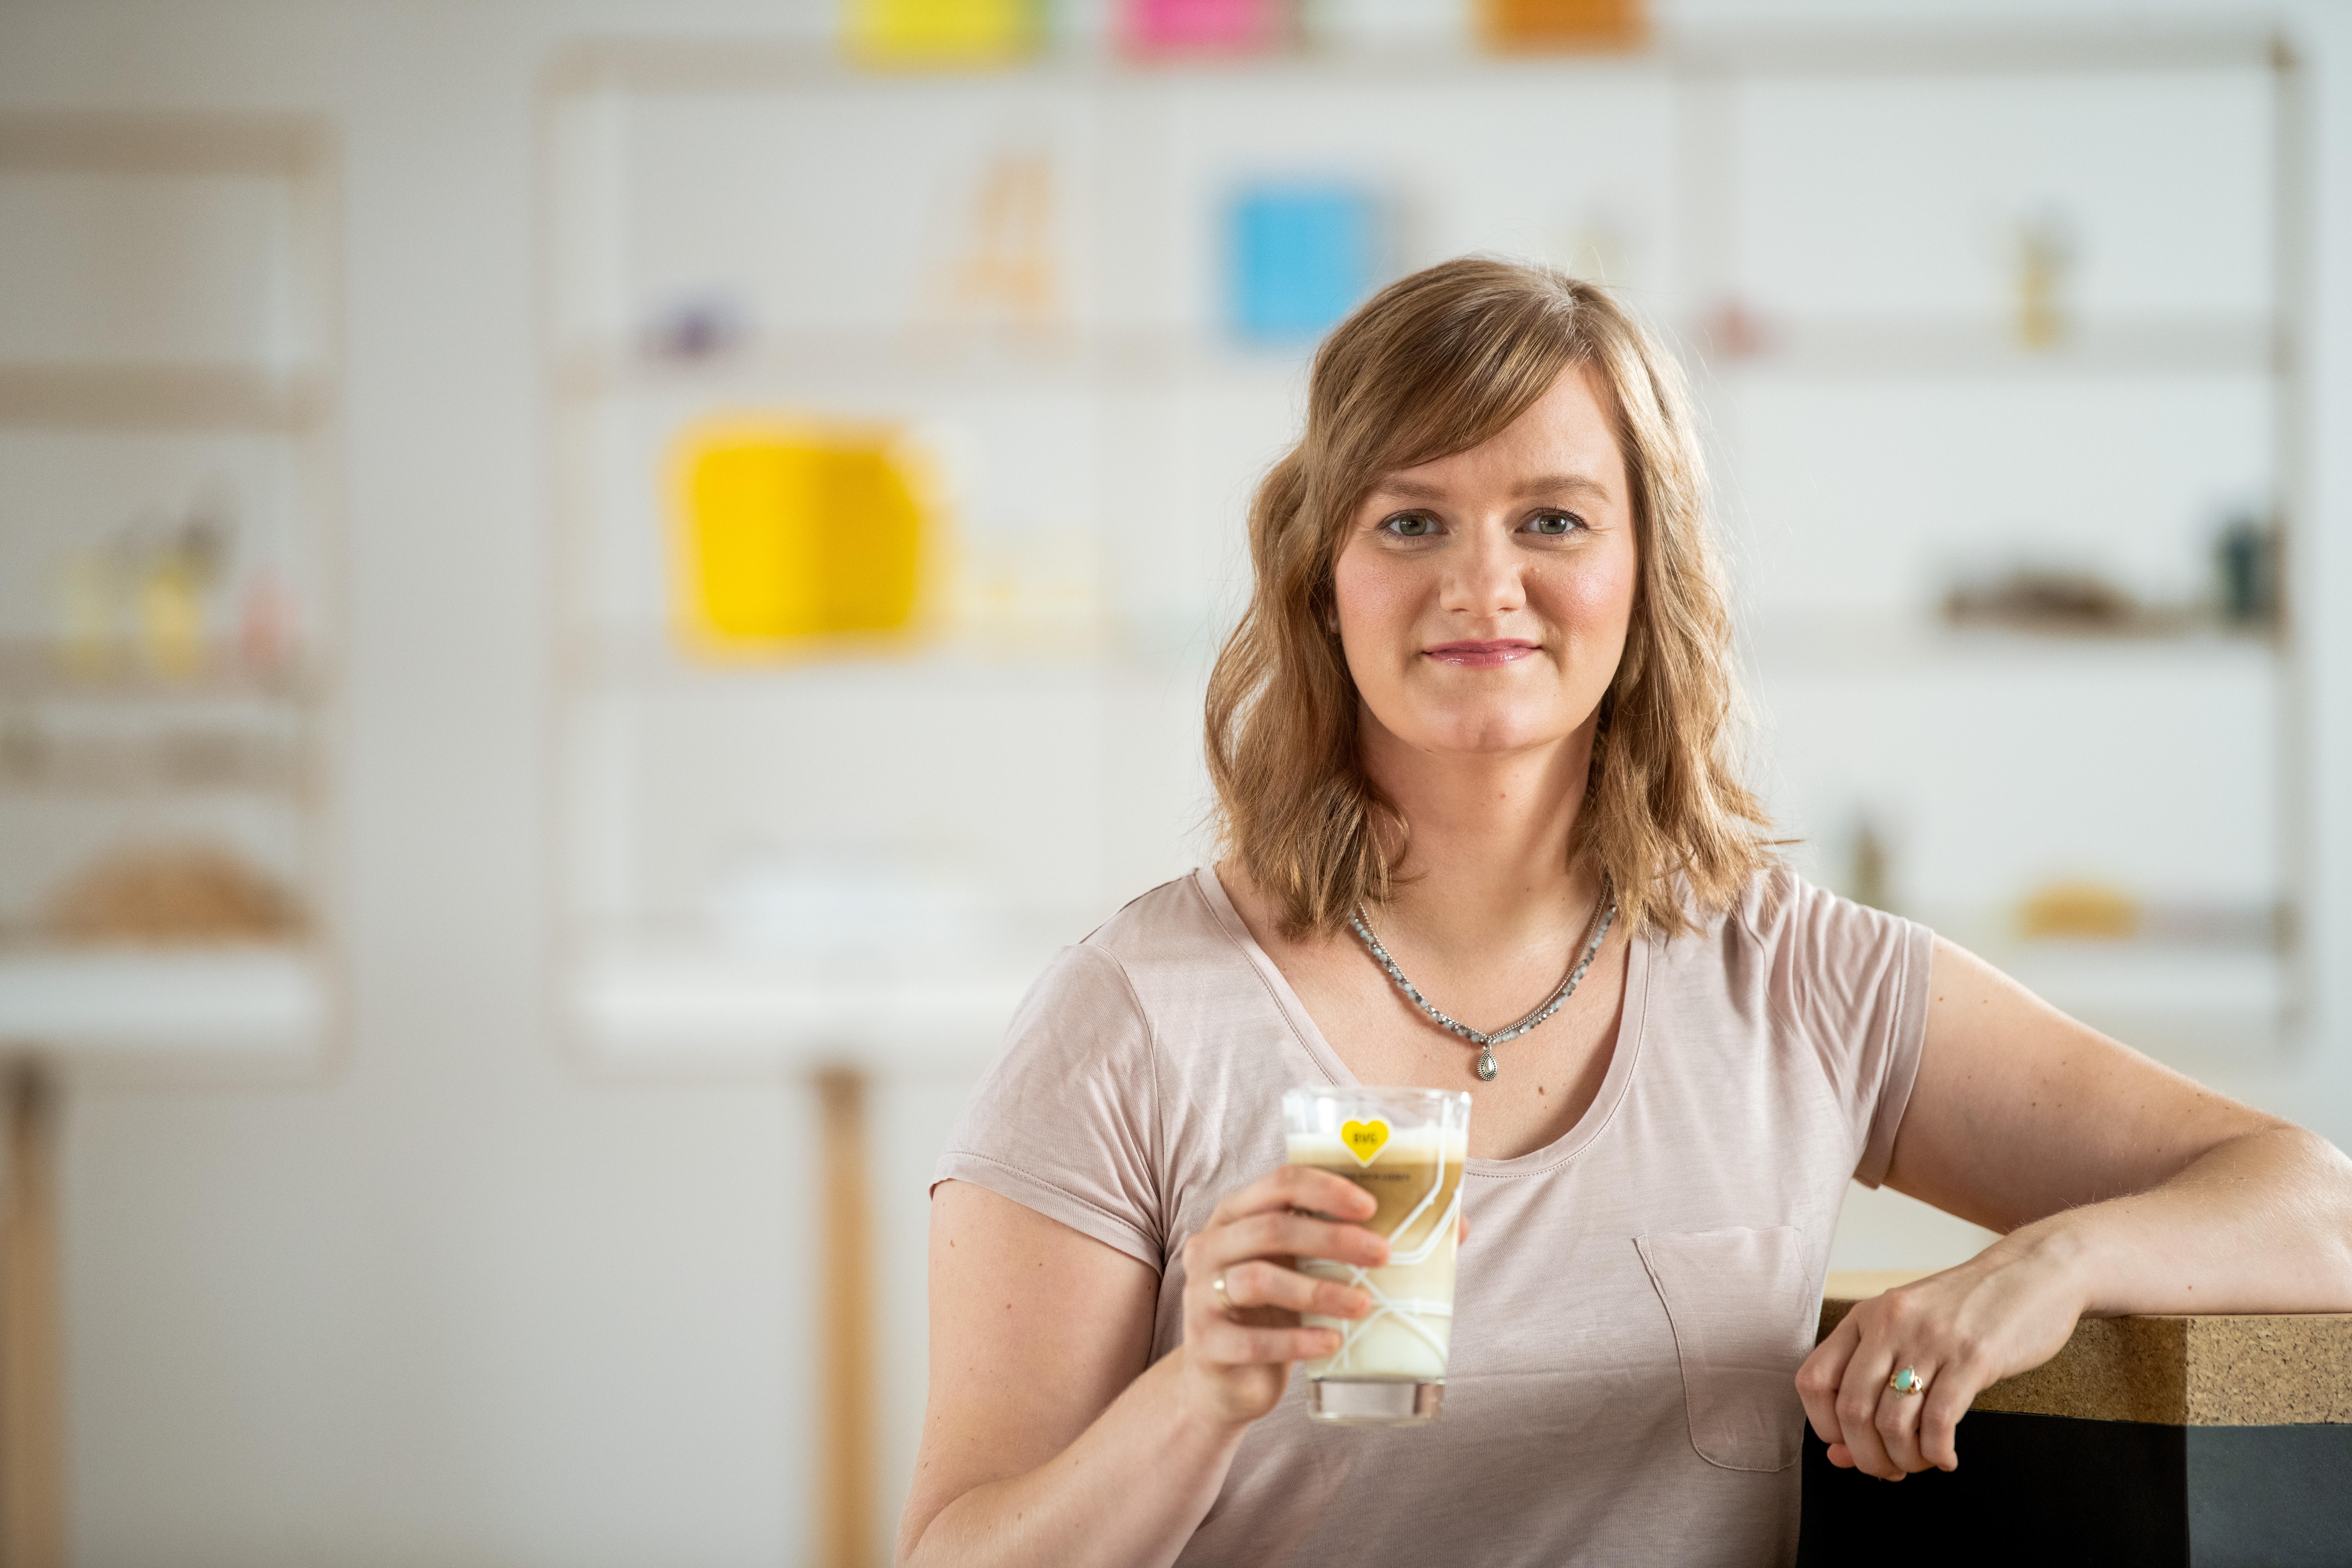 IT-Mitarbeiterin Antje genießt in der Pause einen Latte-Macchiato aus einem schönen BVG-Glas.